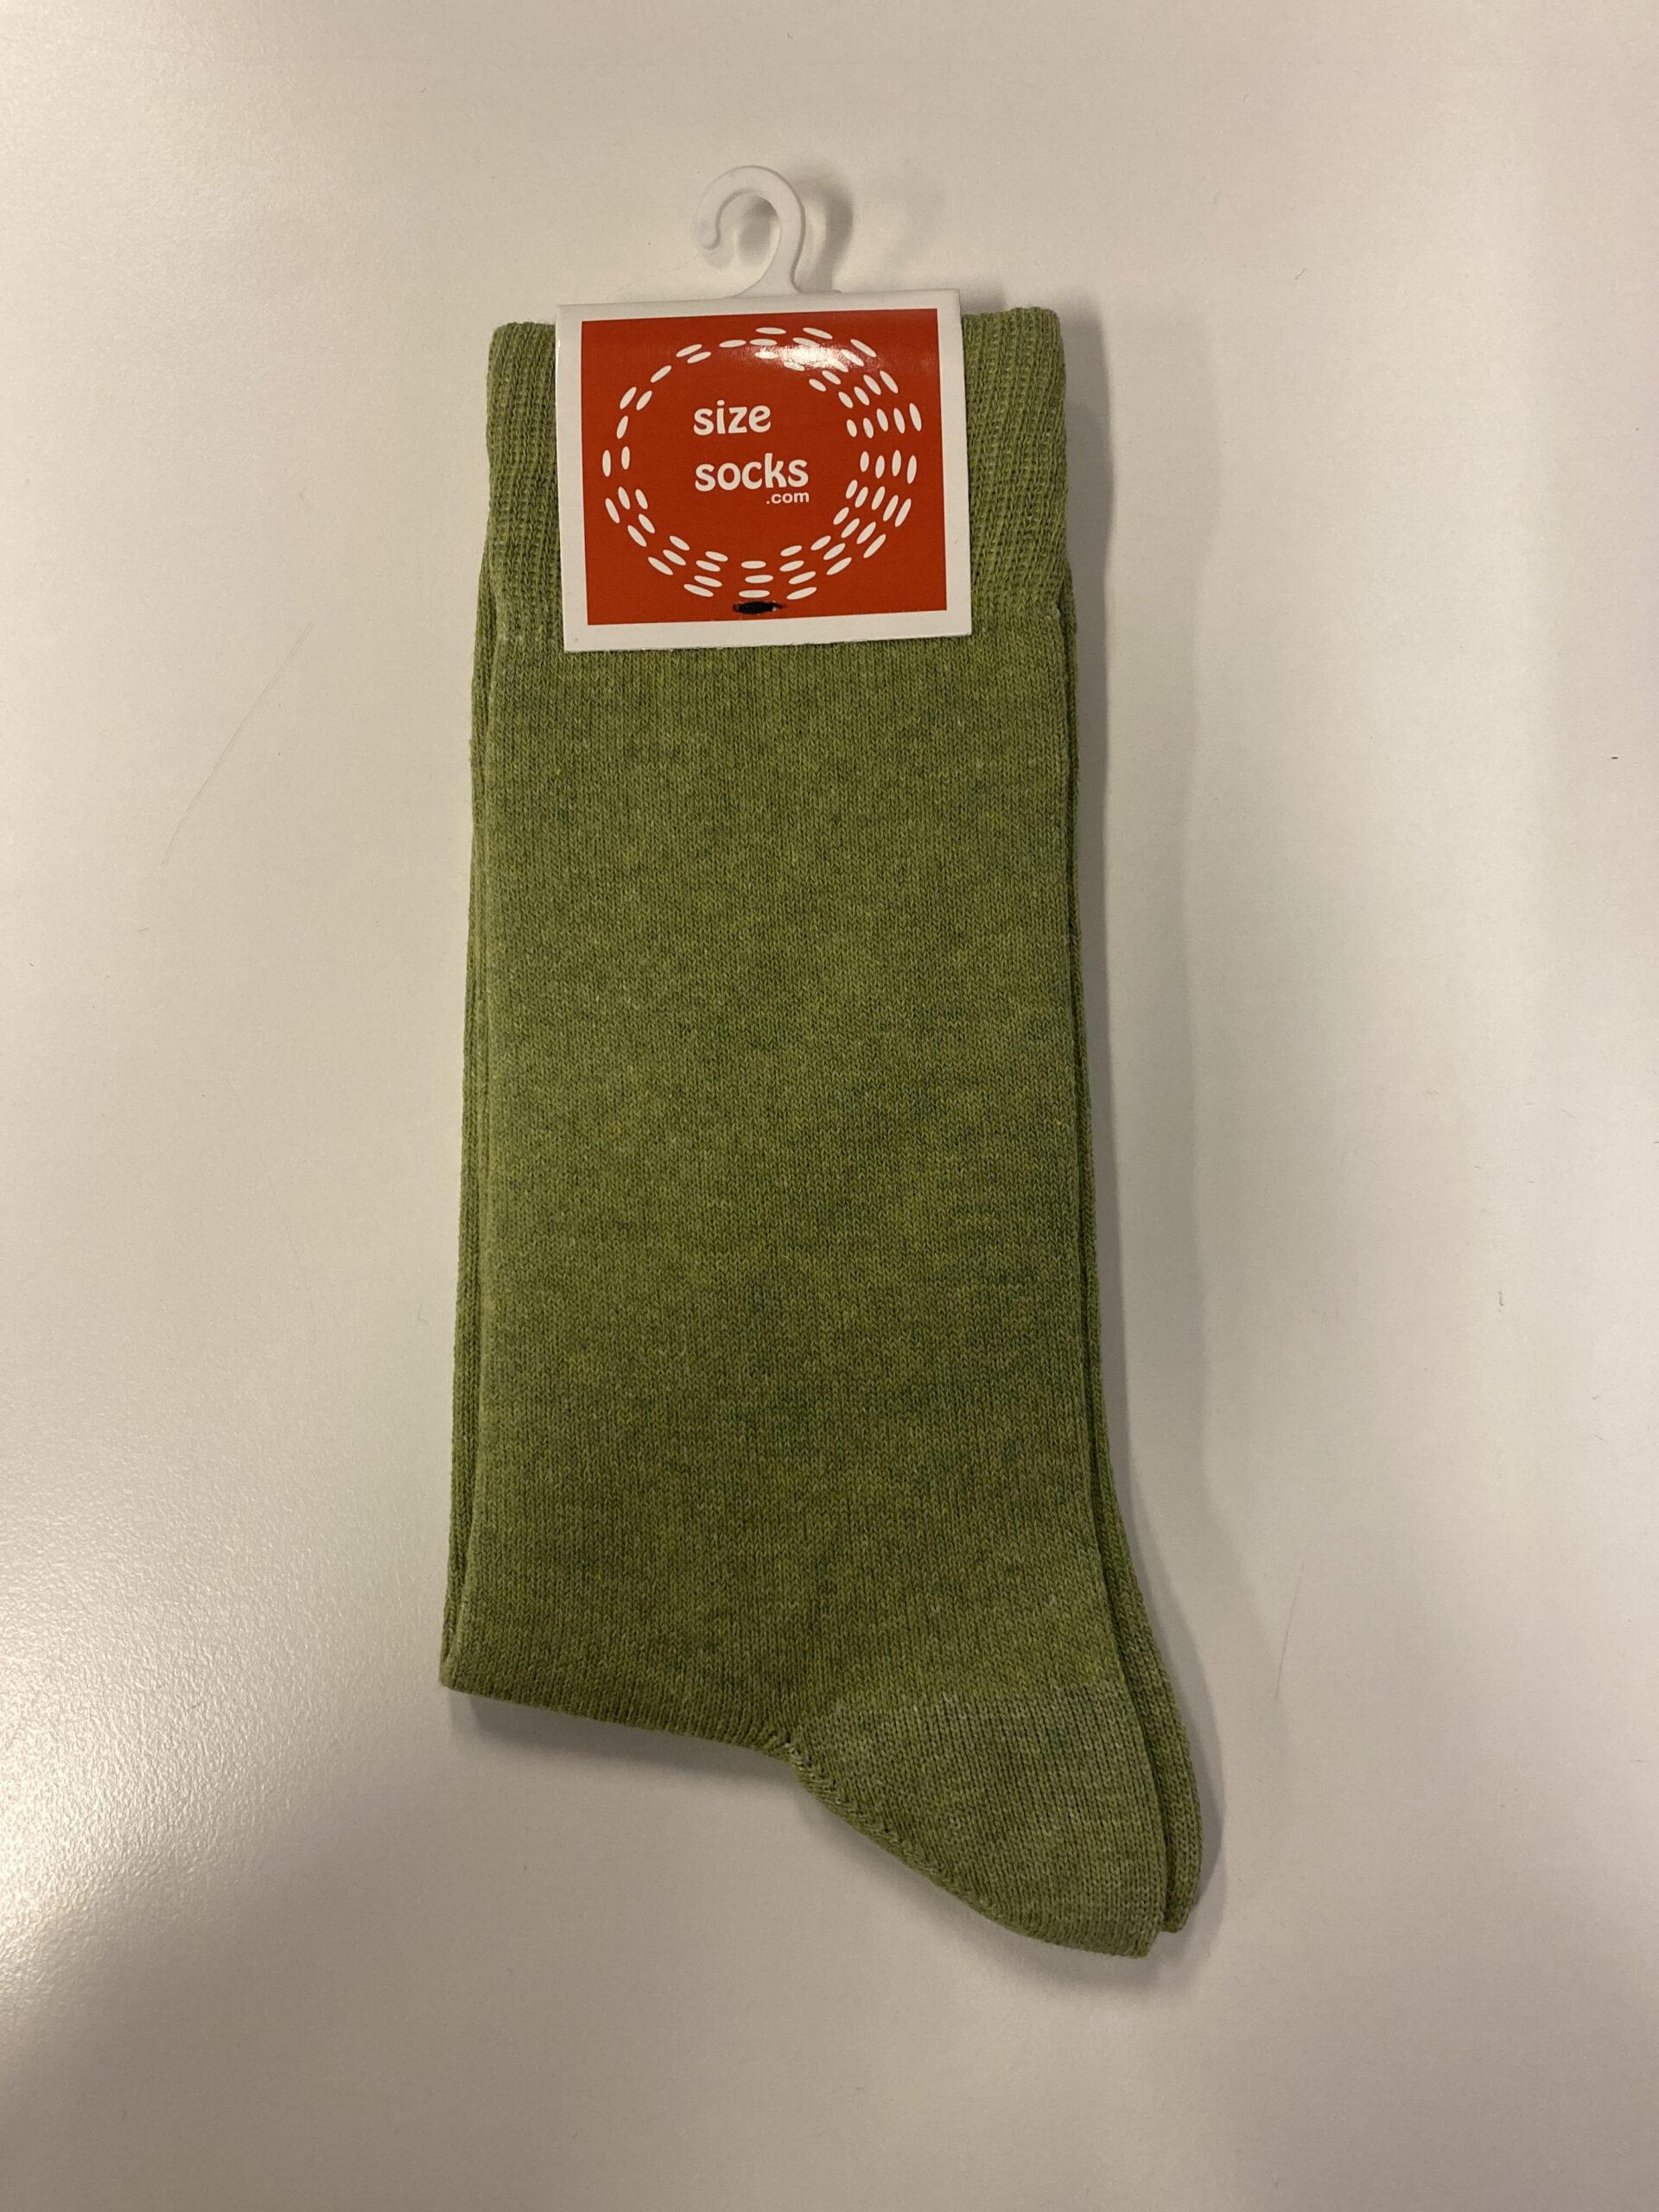 Grønne strømper Str. 47-50 fra size-socks (Billigste)